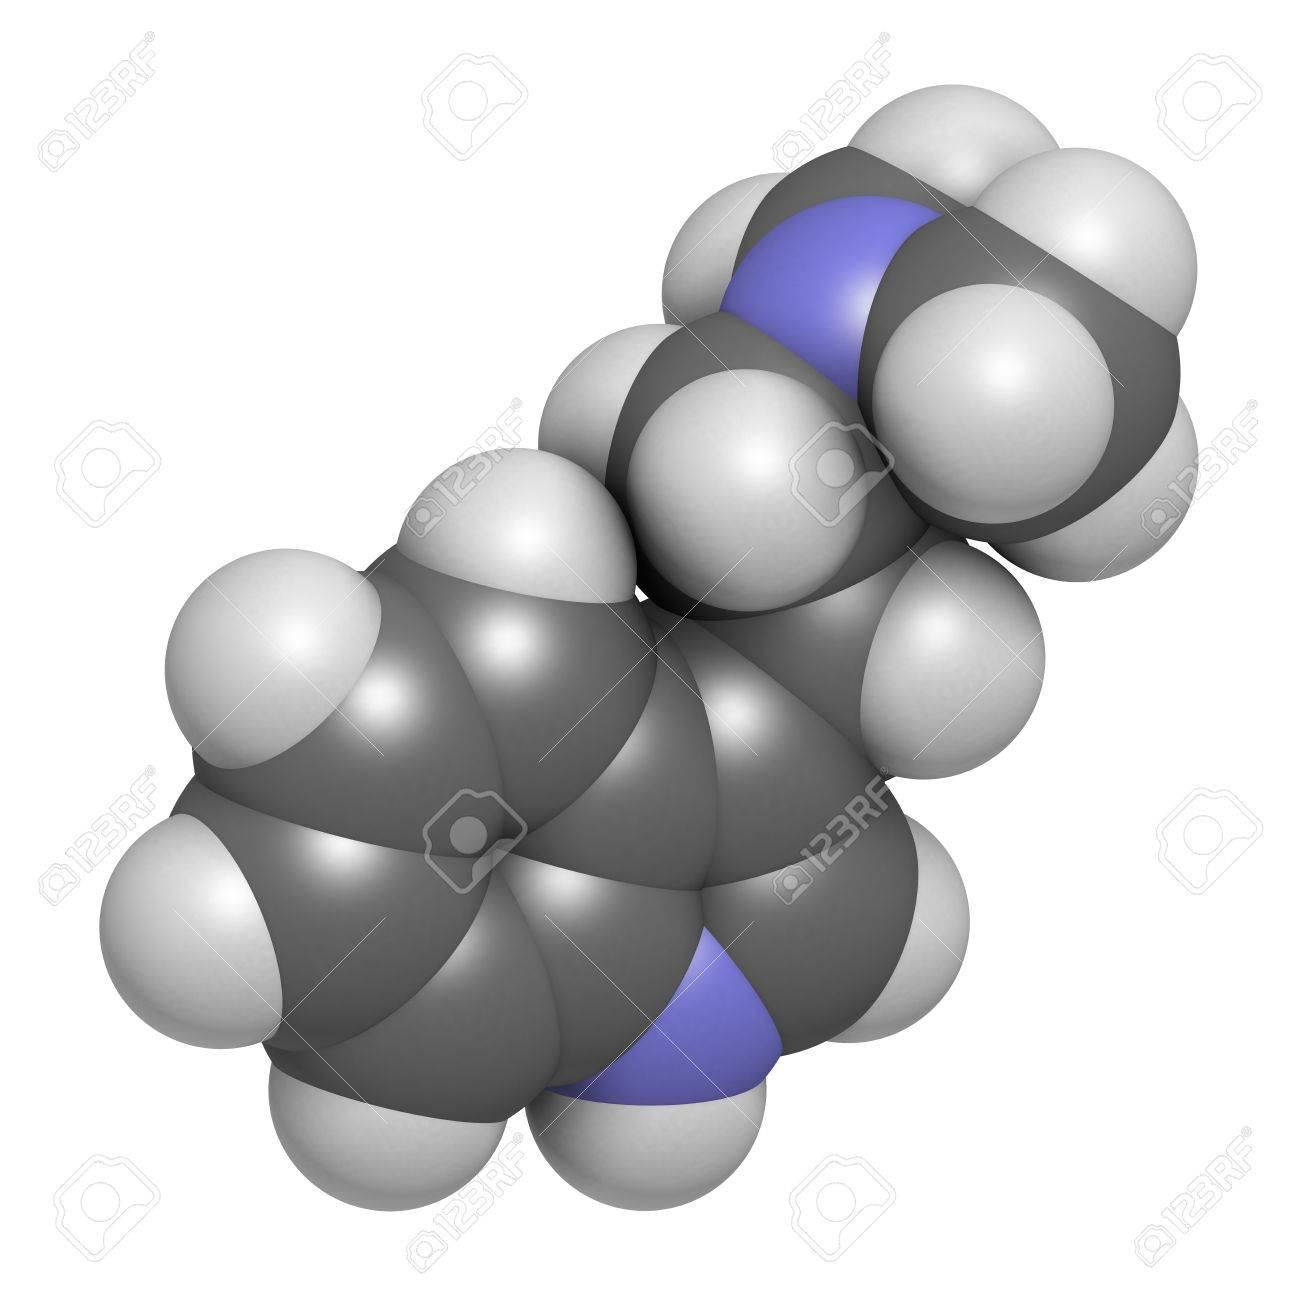 Dimethyltryptamine (DMT) psychedelic drug molecule, 3D rendering